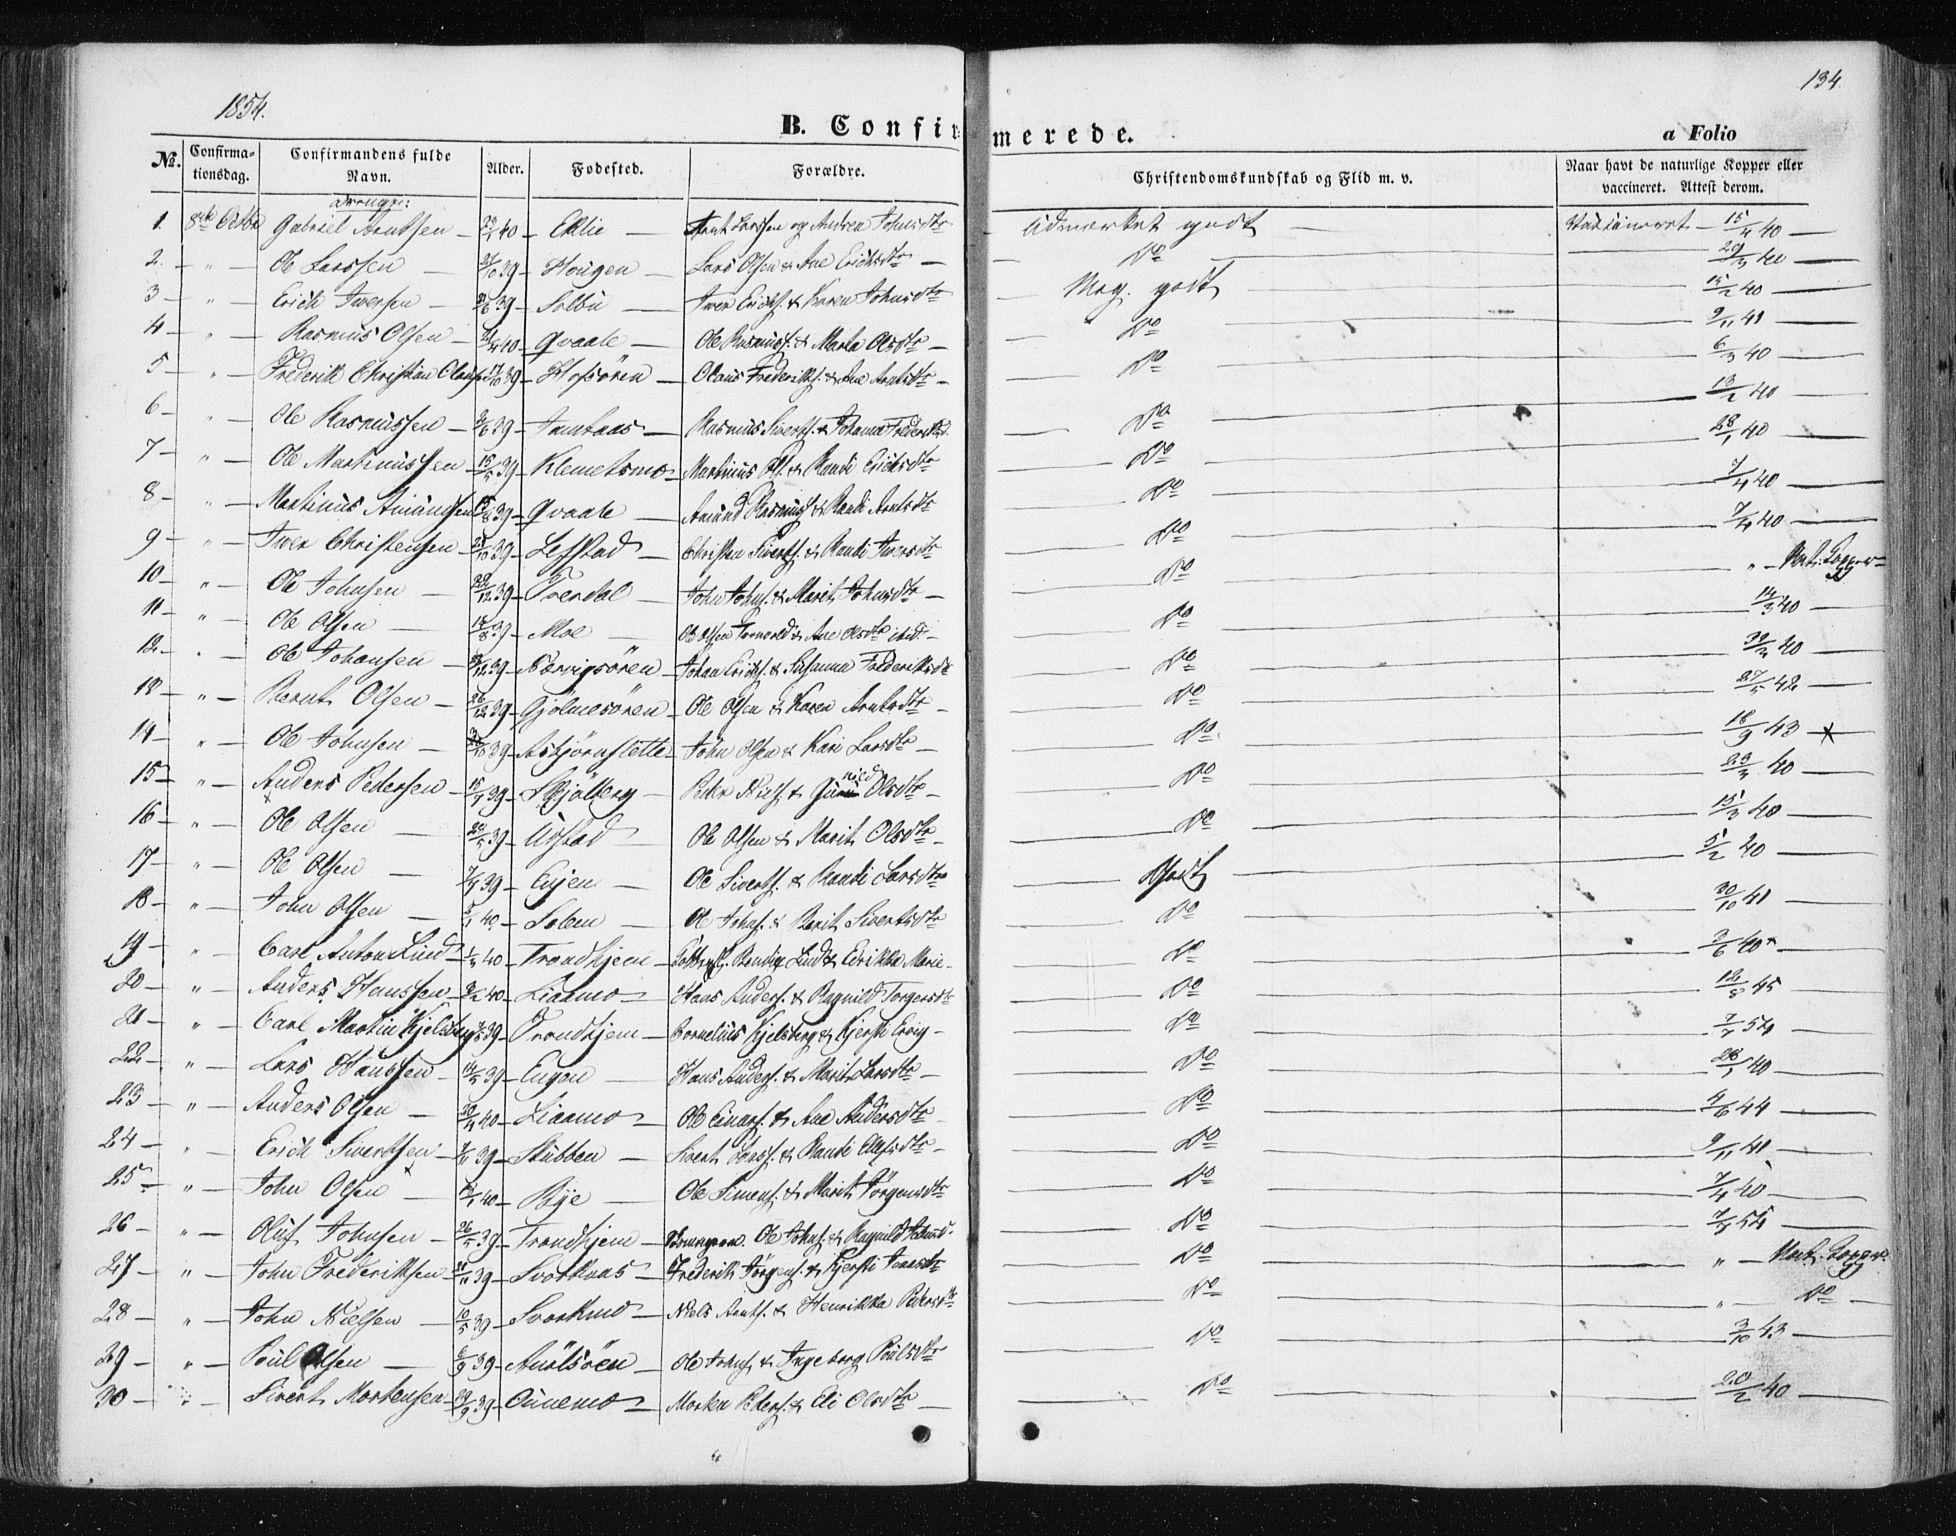 SAT, Ministerialprotokoller, klokkerbøker og fødselsregistre - Sør-Trøndelag, 668/L0806: Ministerialbok nr. 668A06, 1854-1869, s. 134